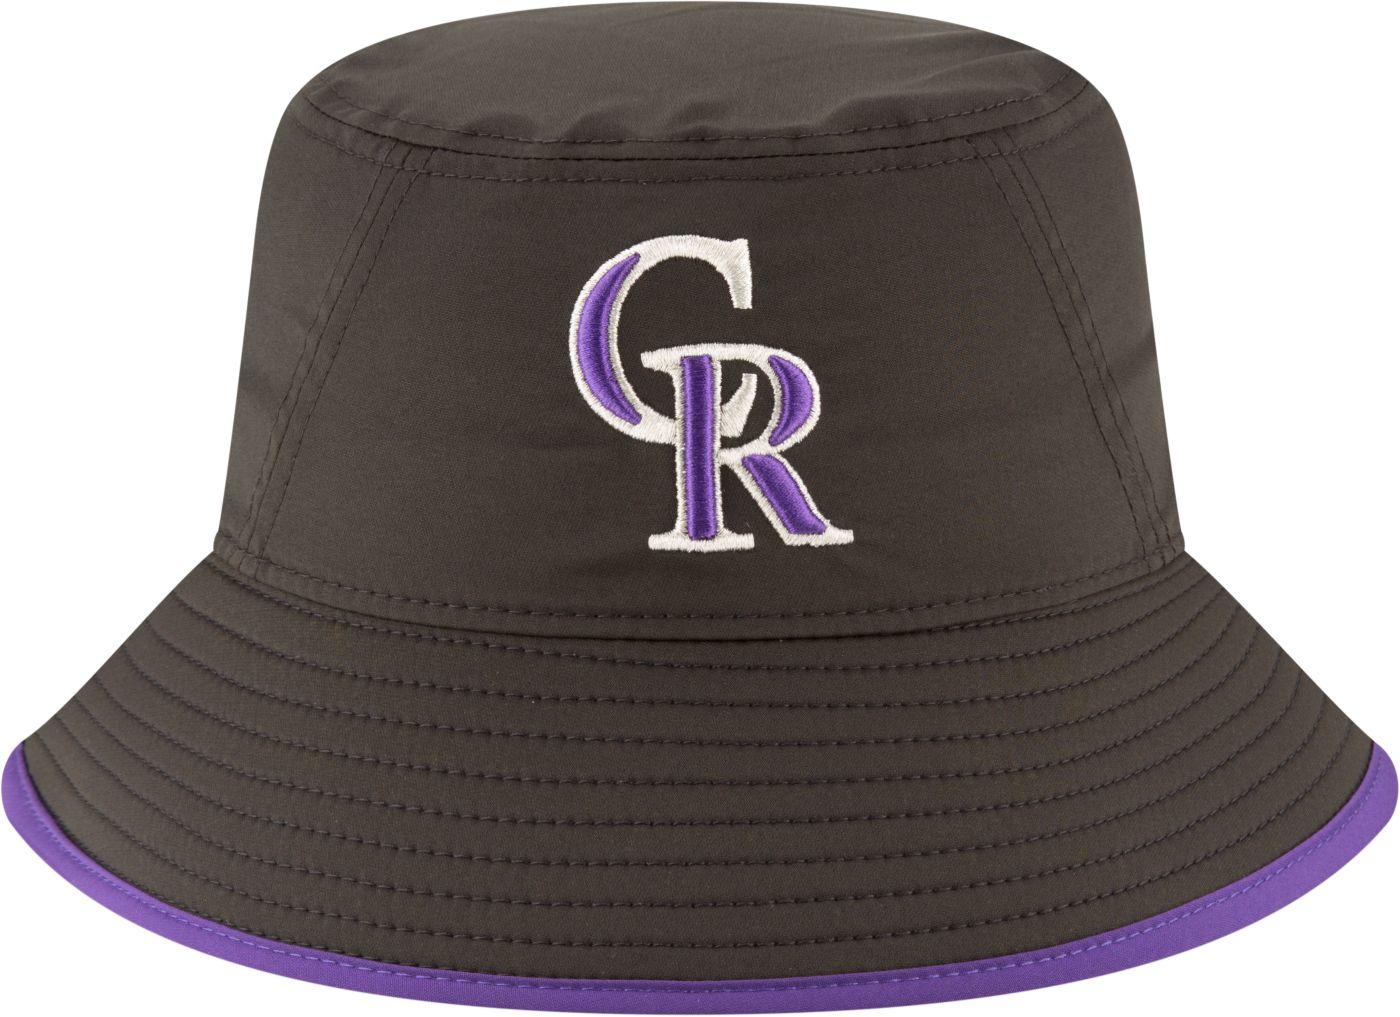 New Era Men's Colorado Rockies Clubhouse Bucket Hat